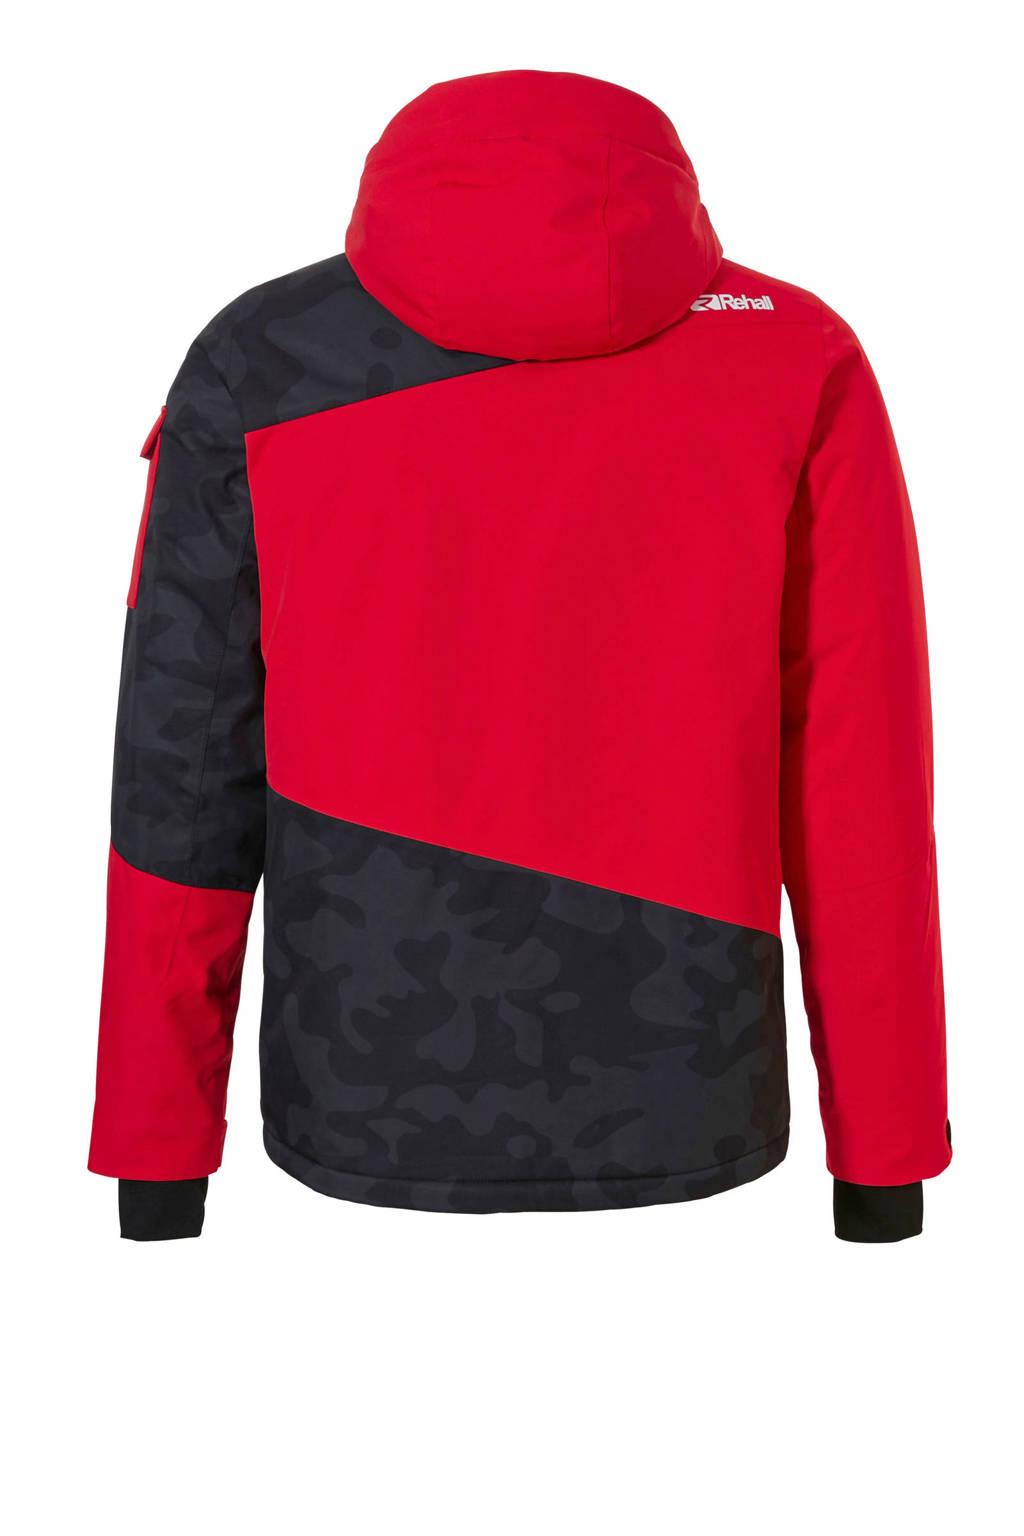 Rehall jack Isac-R rood/grijs, Rood/grijs